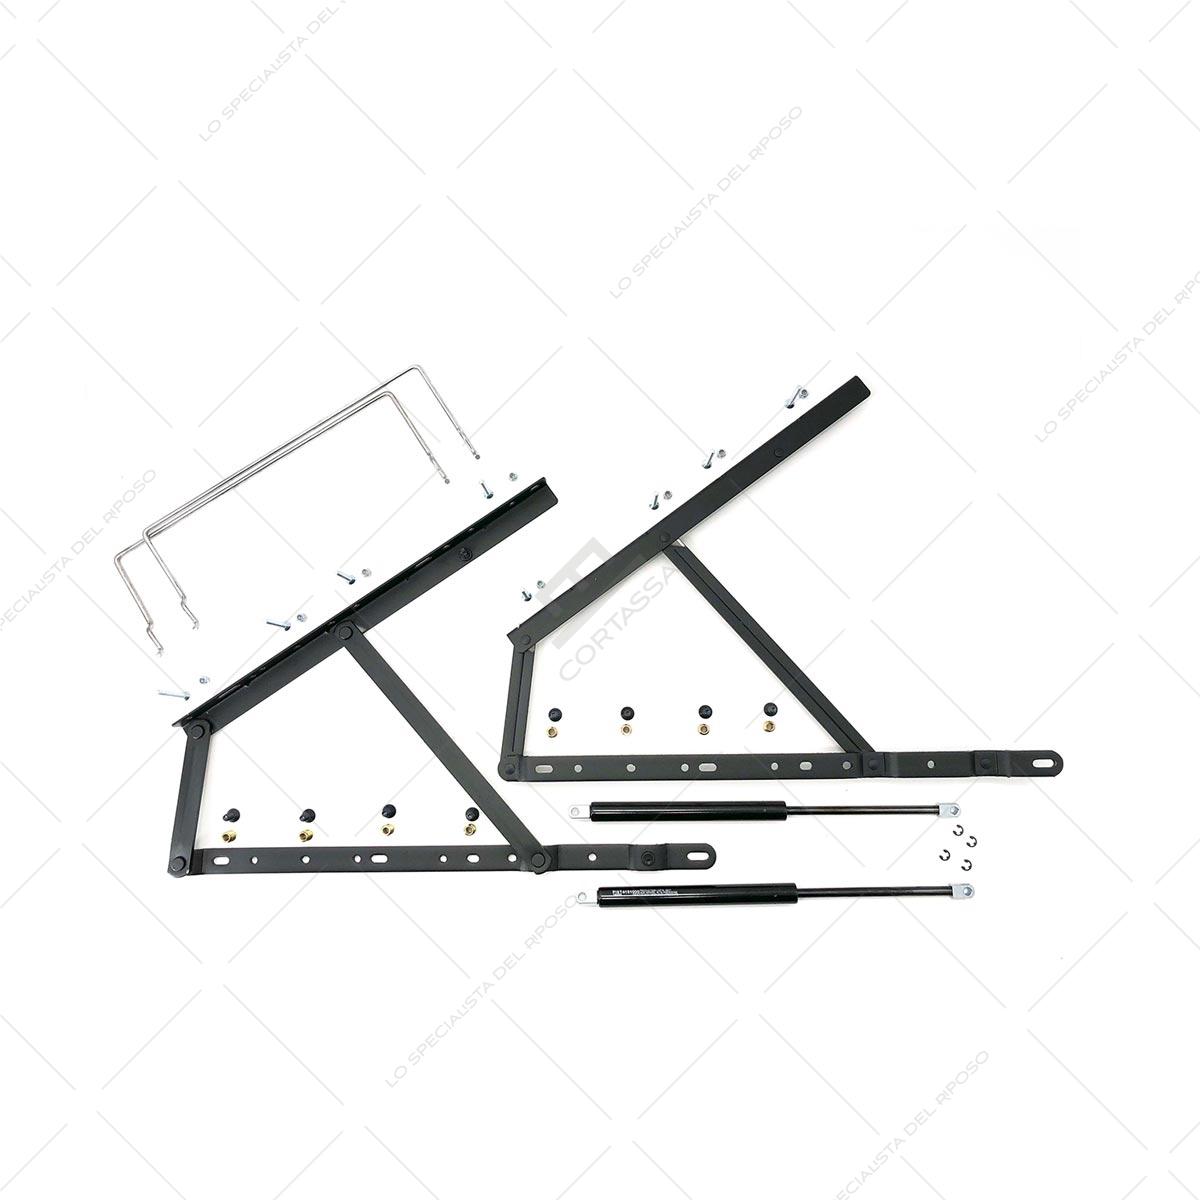 Accessori Letto Contenitore.Sistema Sollevamento Letto Contenitore Light In Kit Cortassa